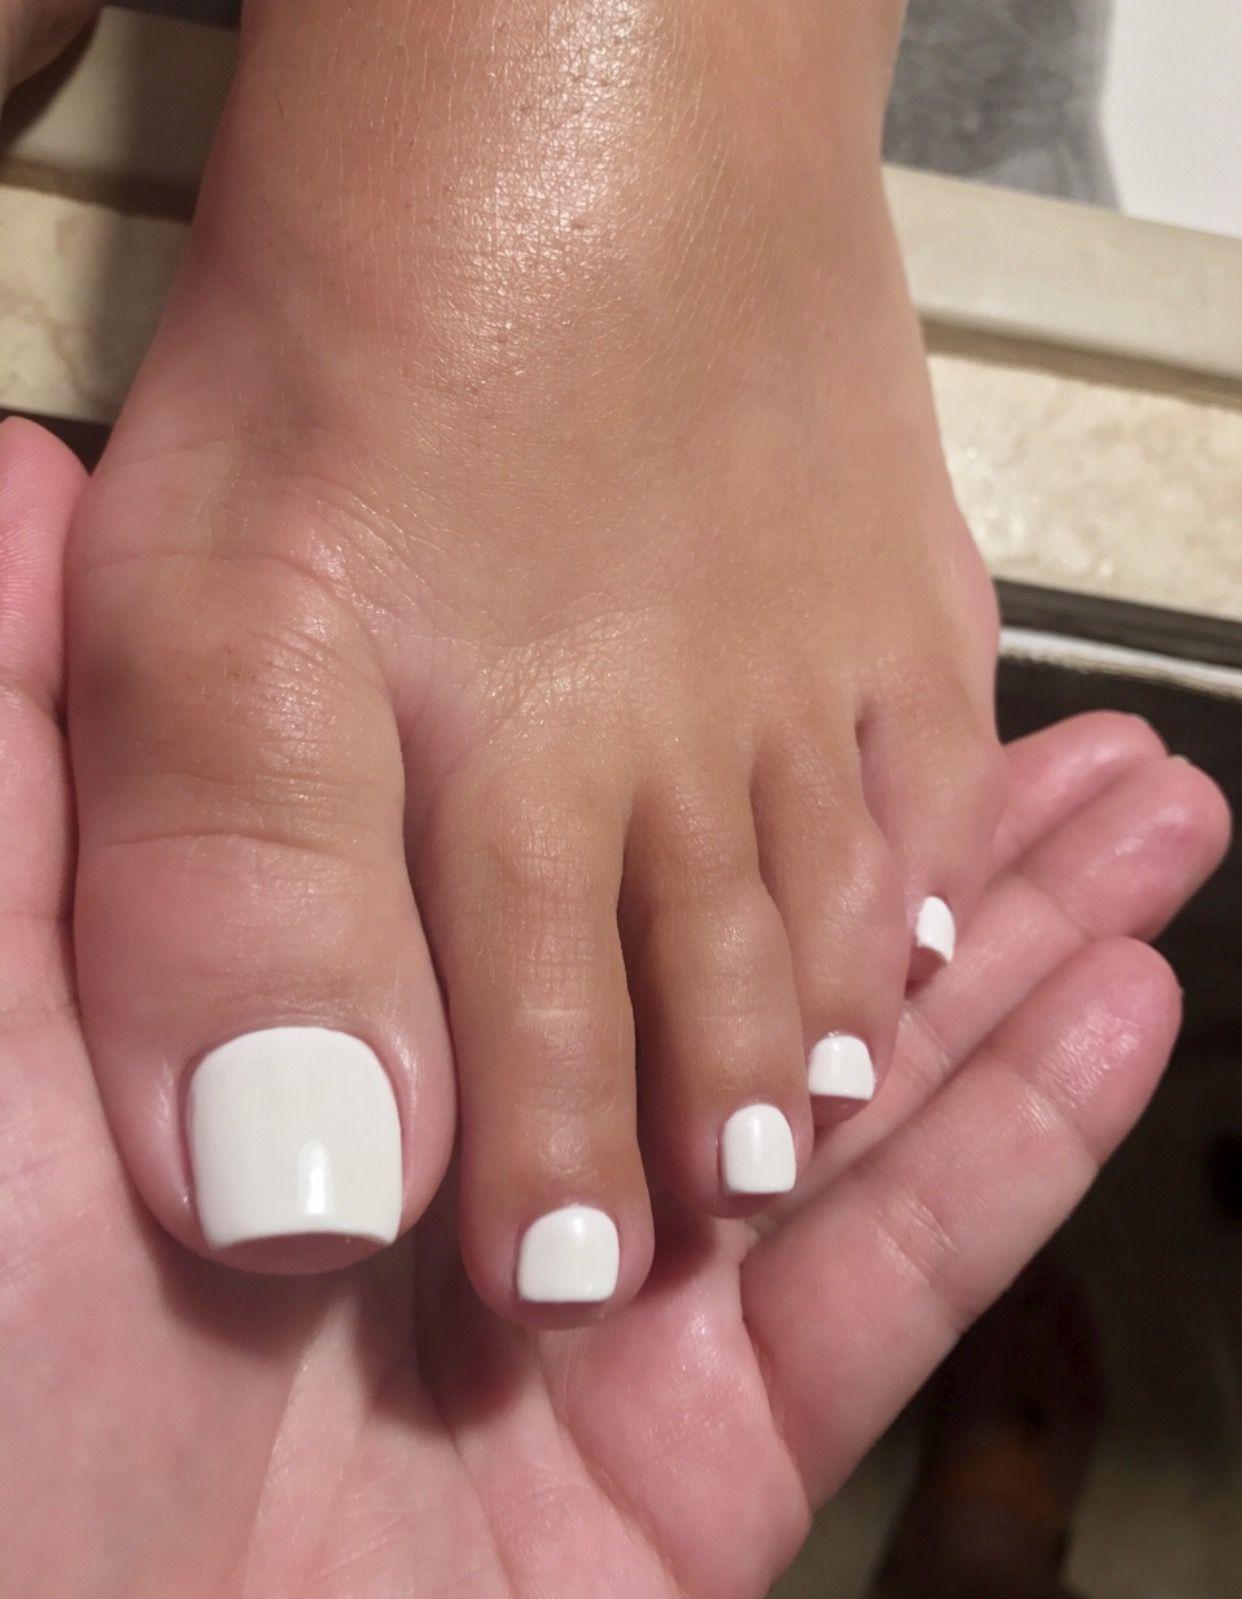 Insatiablenails Nails Acrylic Toe Nails Acrylic Toes Toe Nails White